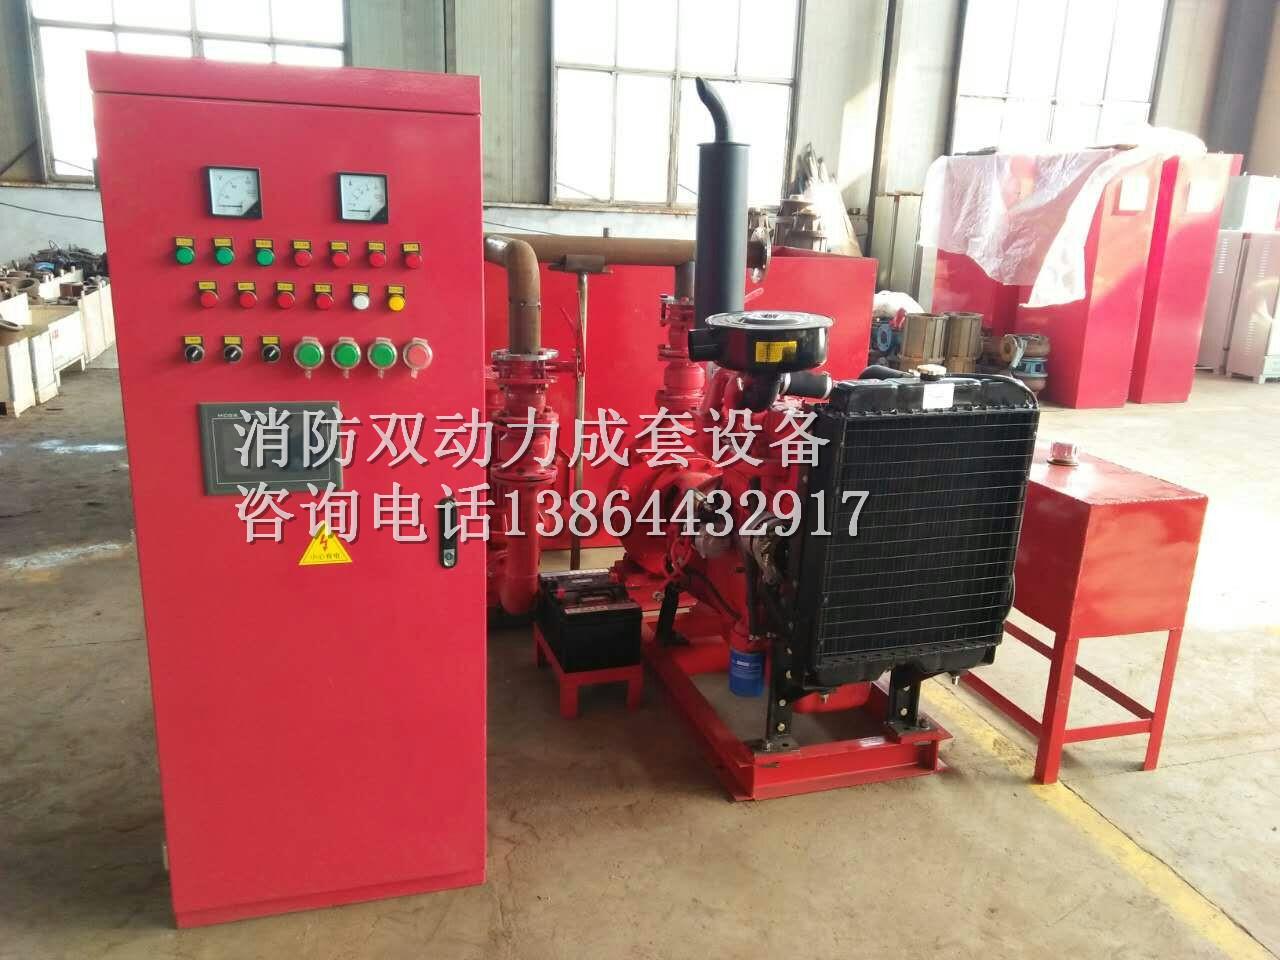 消防双动力给水设备SDC4/15 消防双动力给水设备CCCF合格产品